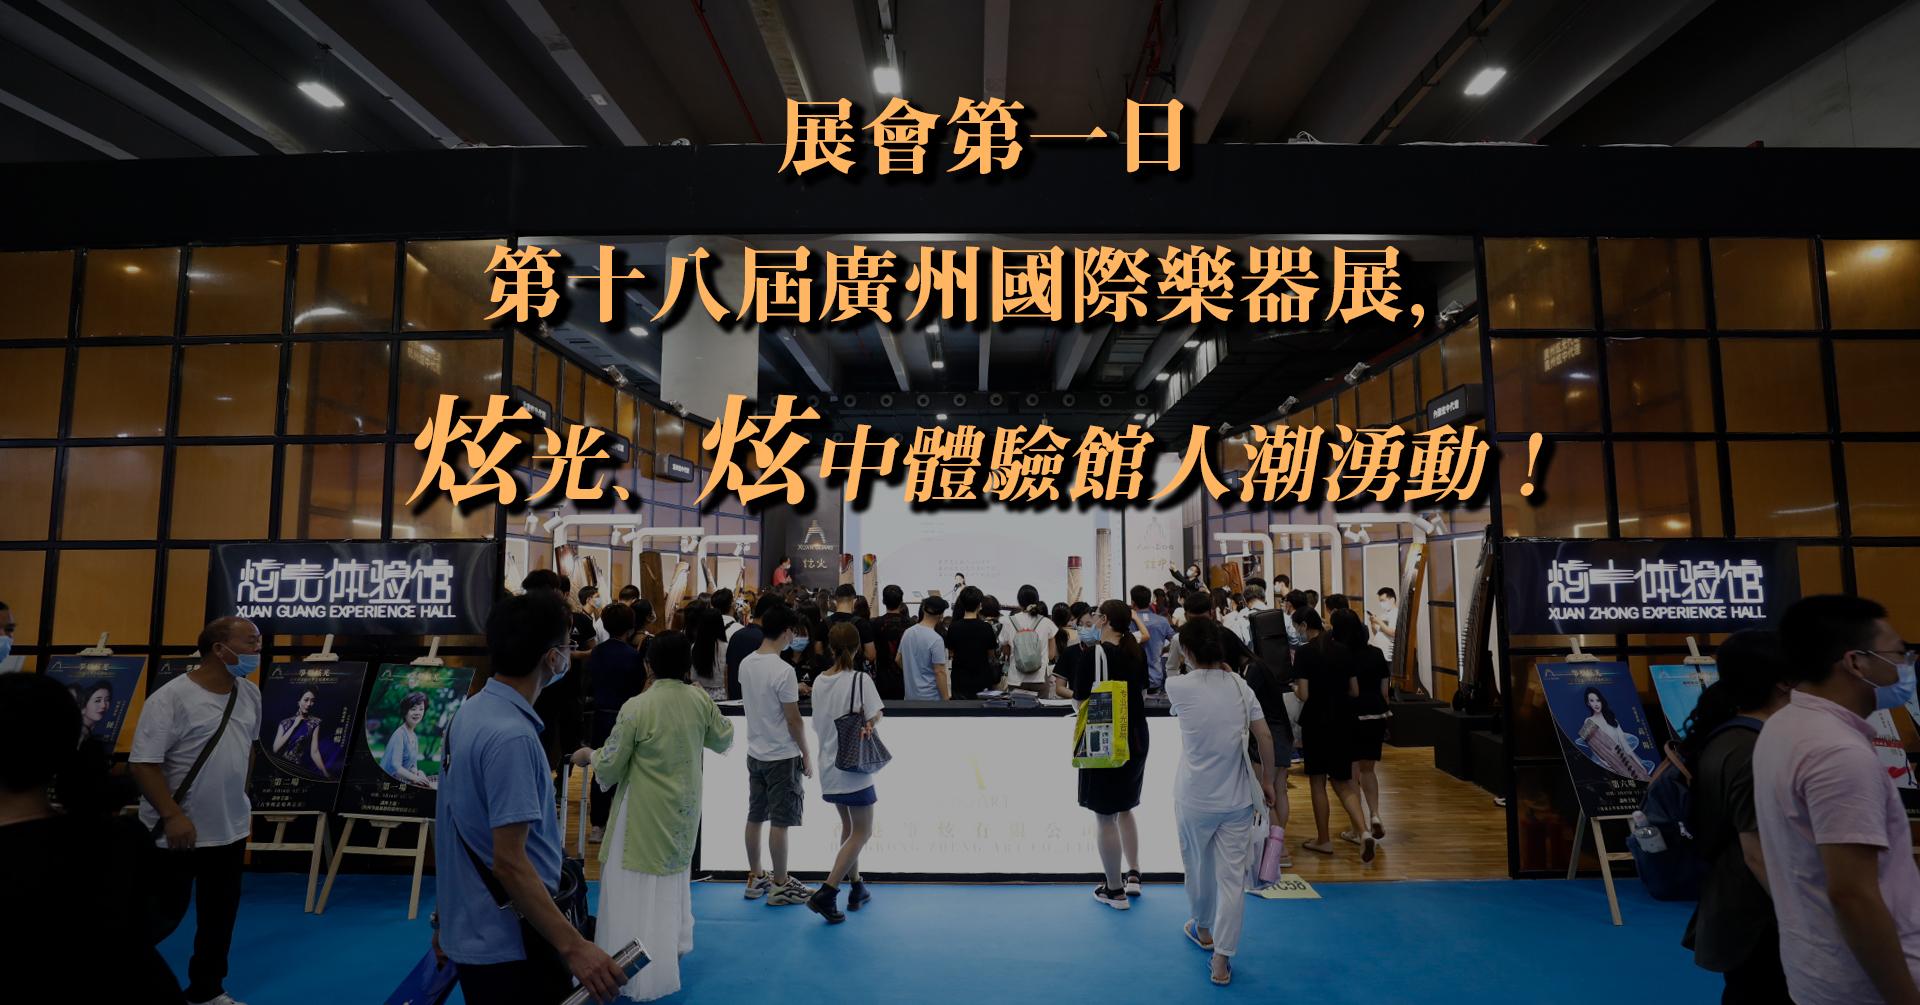 展會第一日|第十八屆廣州國際樂器展,炫光、炫中體驗館人潮湧動!